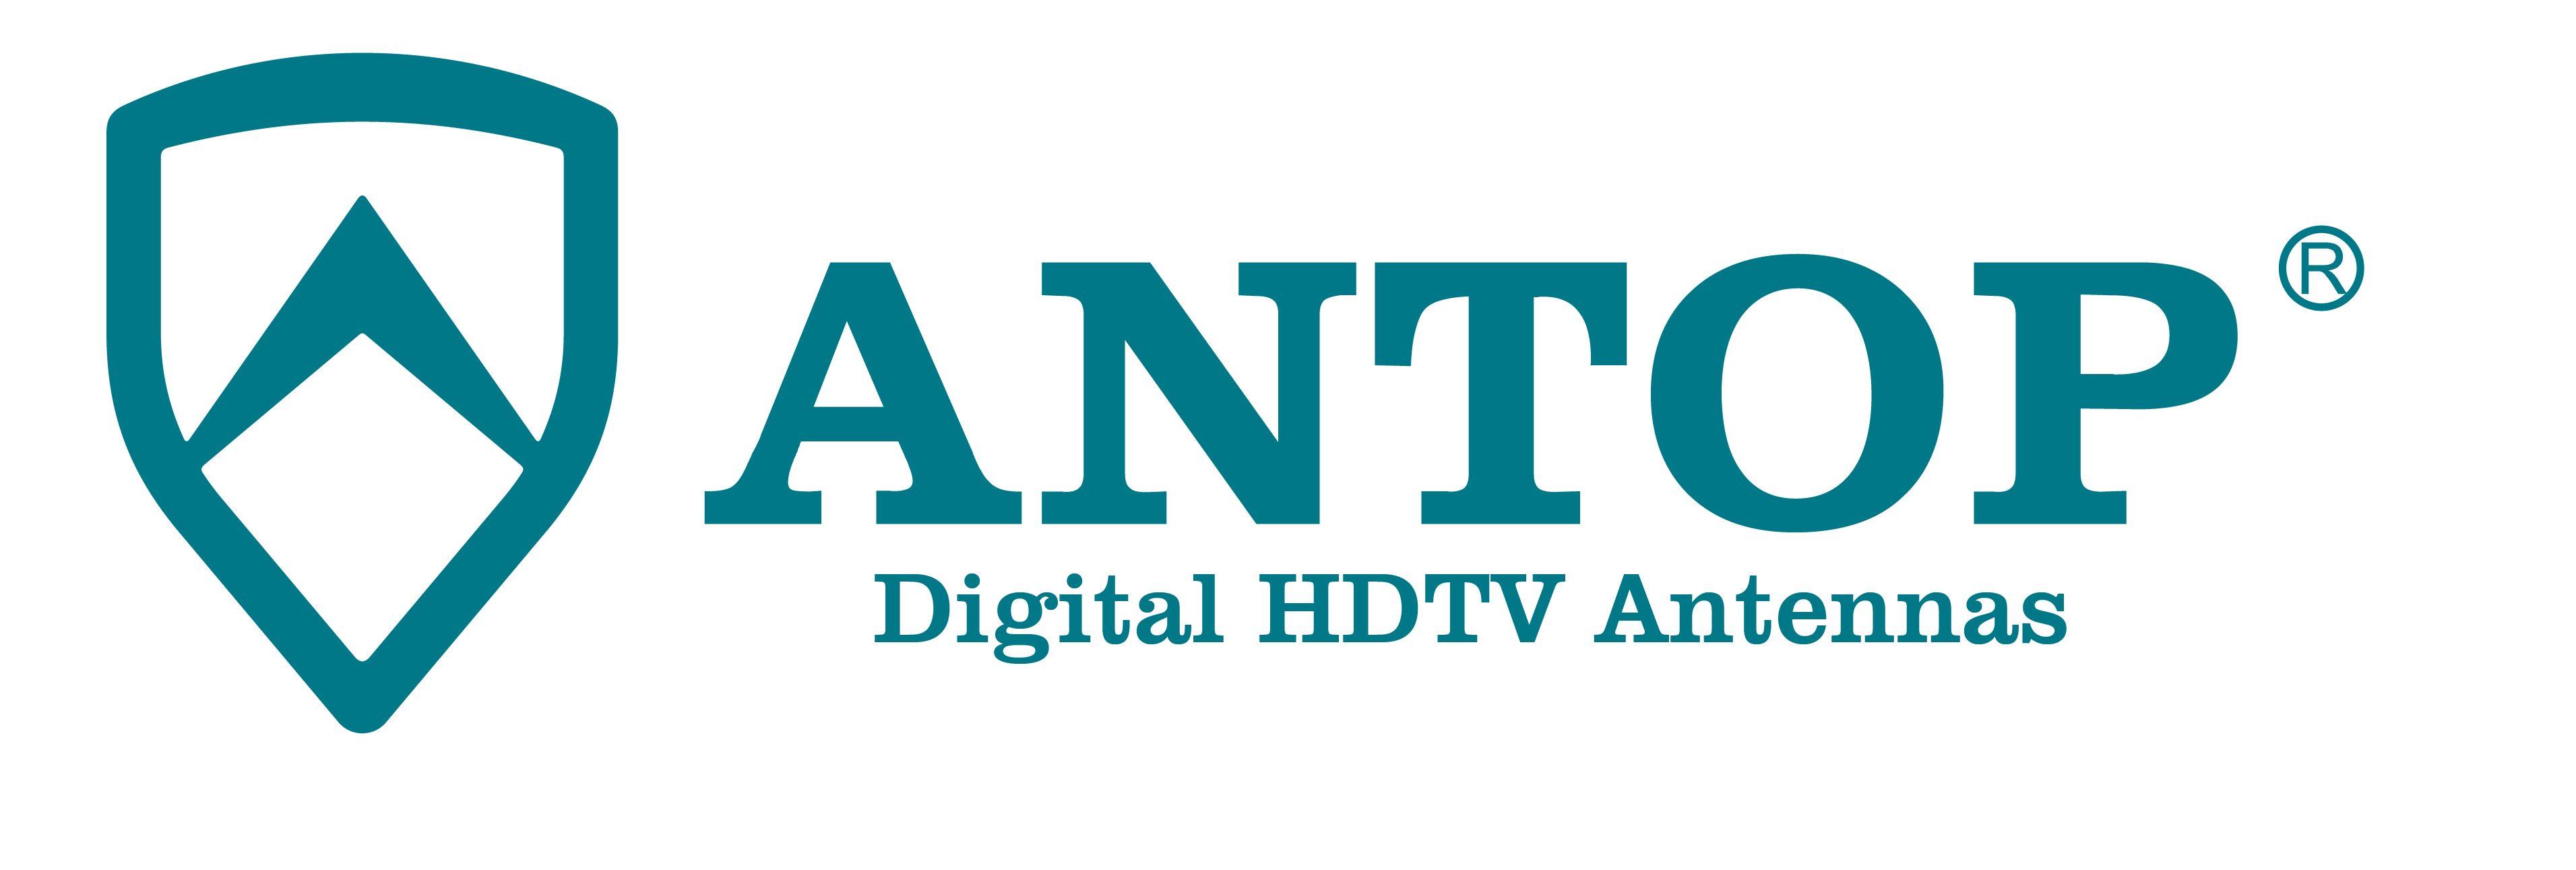 Antop HDTV Antenna vertical logo blue on white